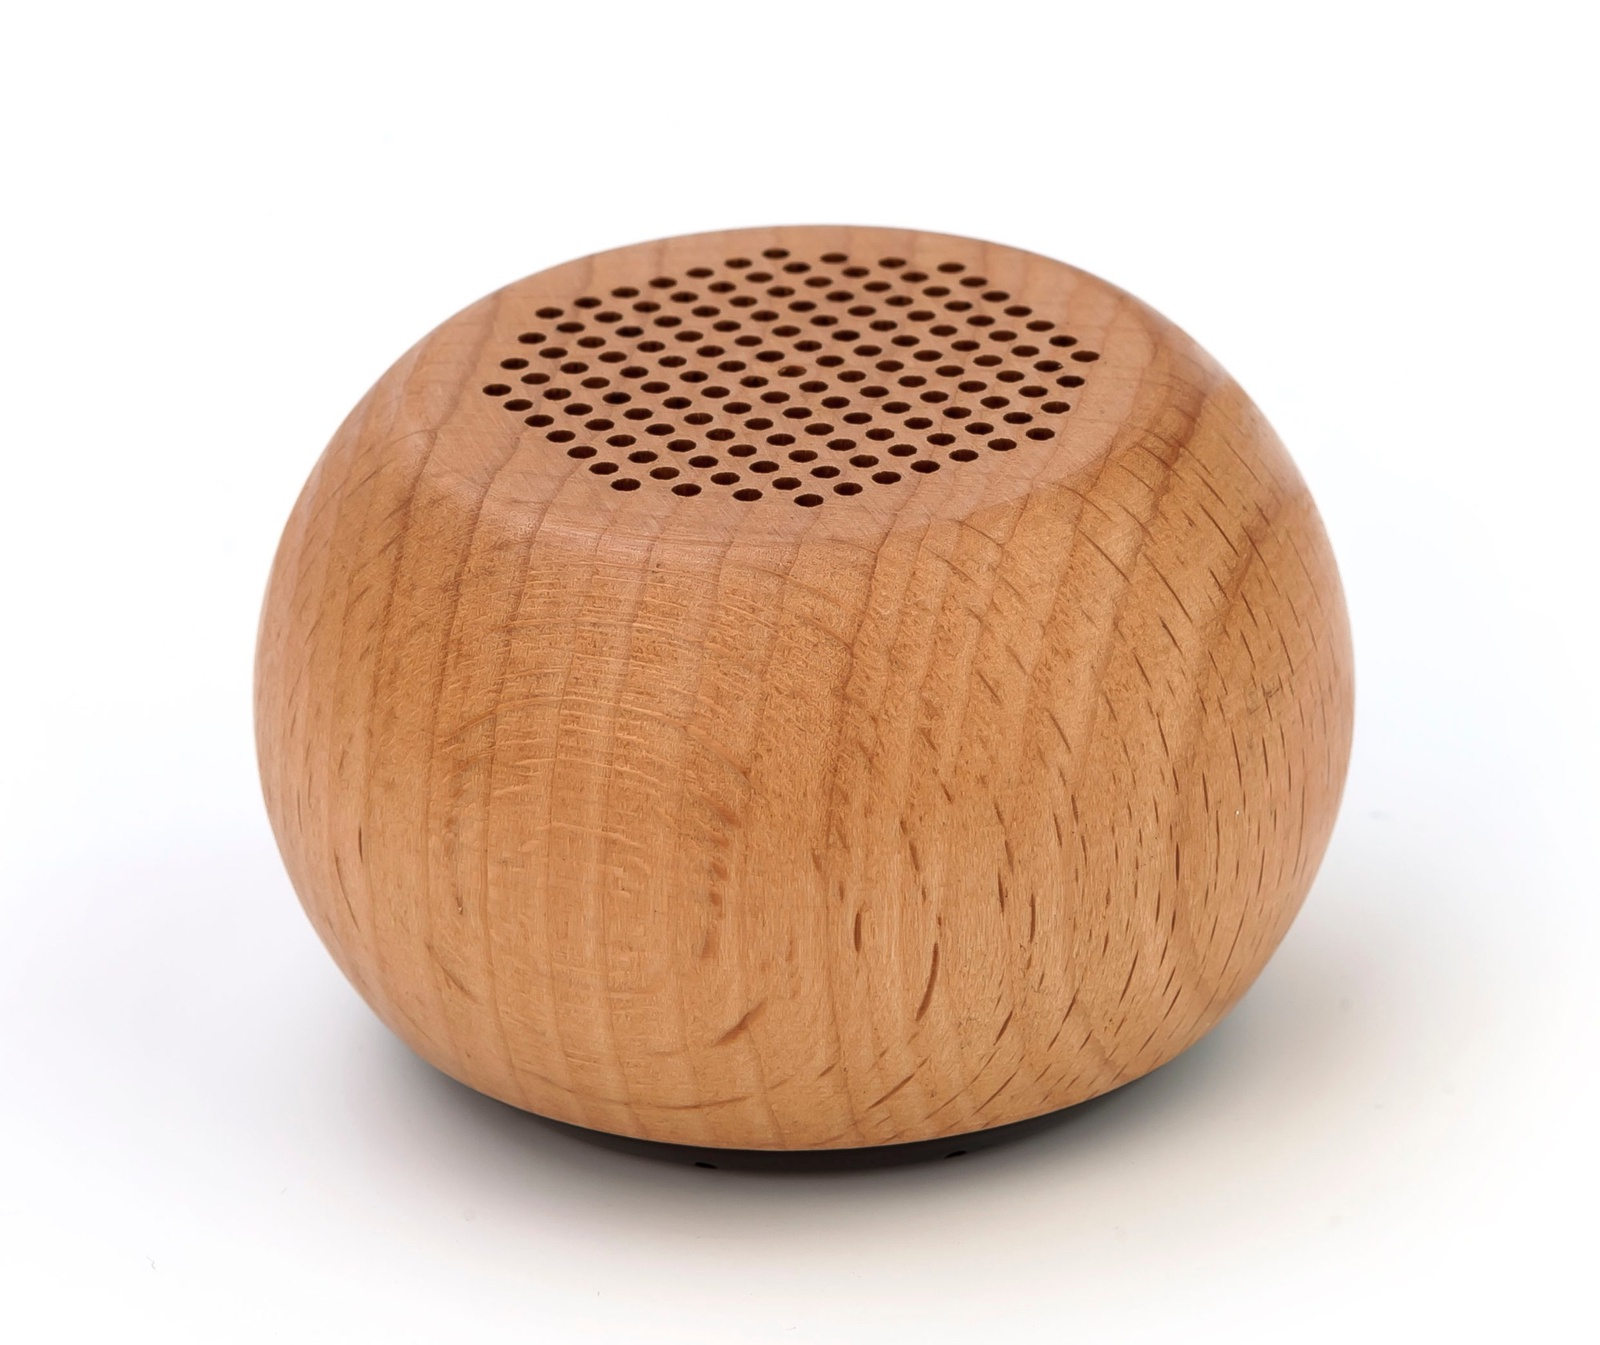 лучшая цена Беспроводная колонка ZDK ZDK 3W700 Wood, 4607